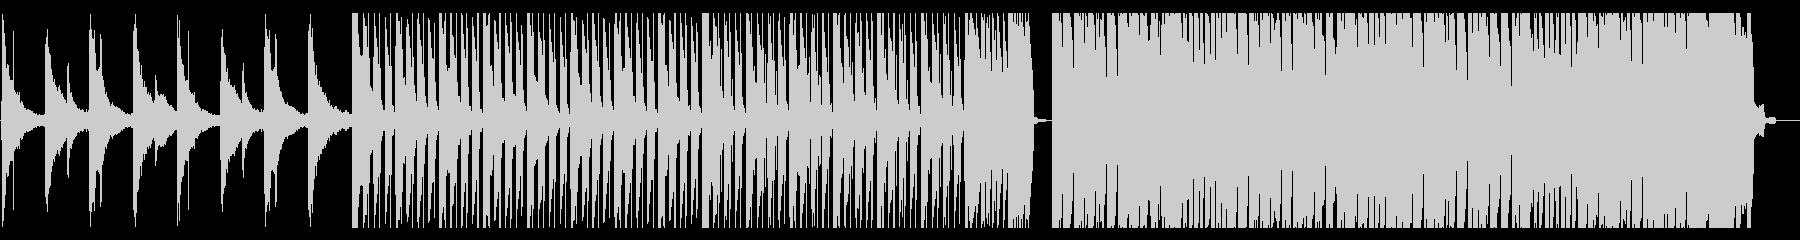 爽やか/トロピカルポップ_No389_2の未再生の波形